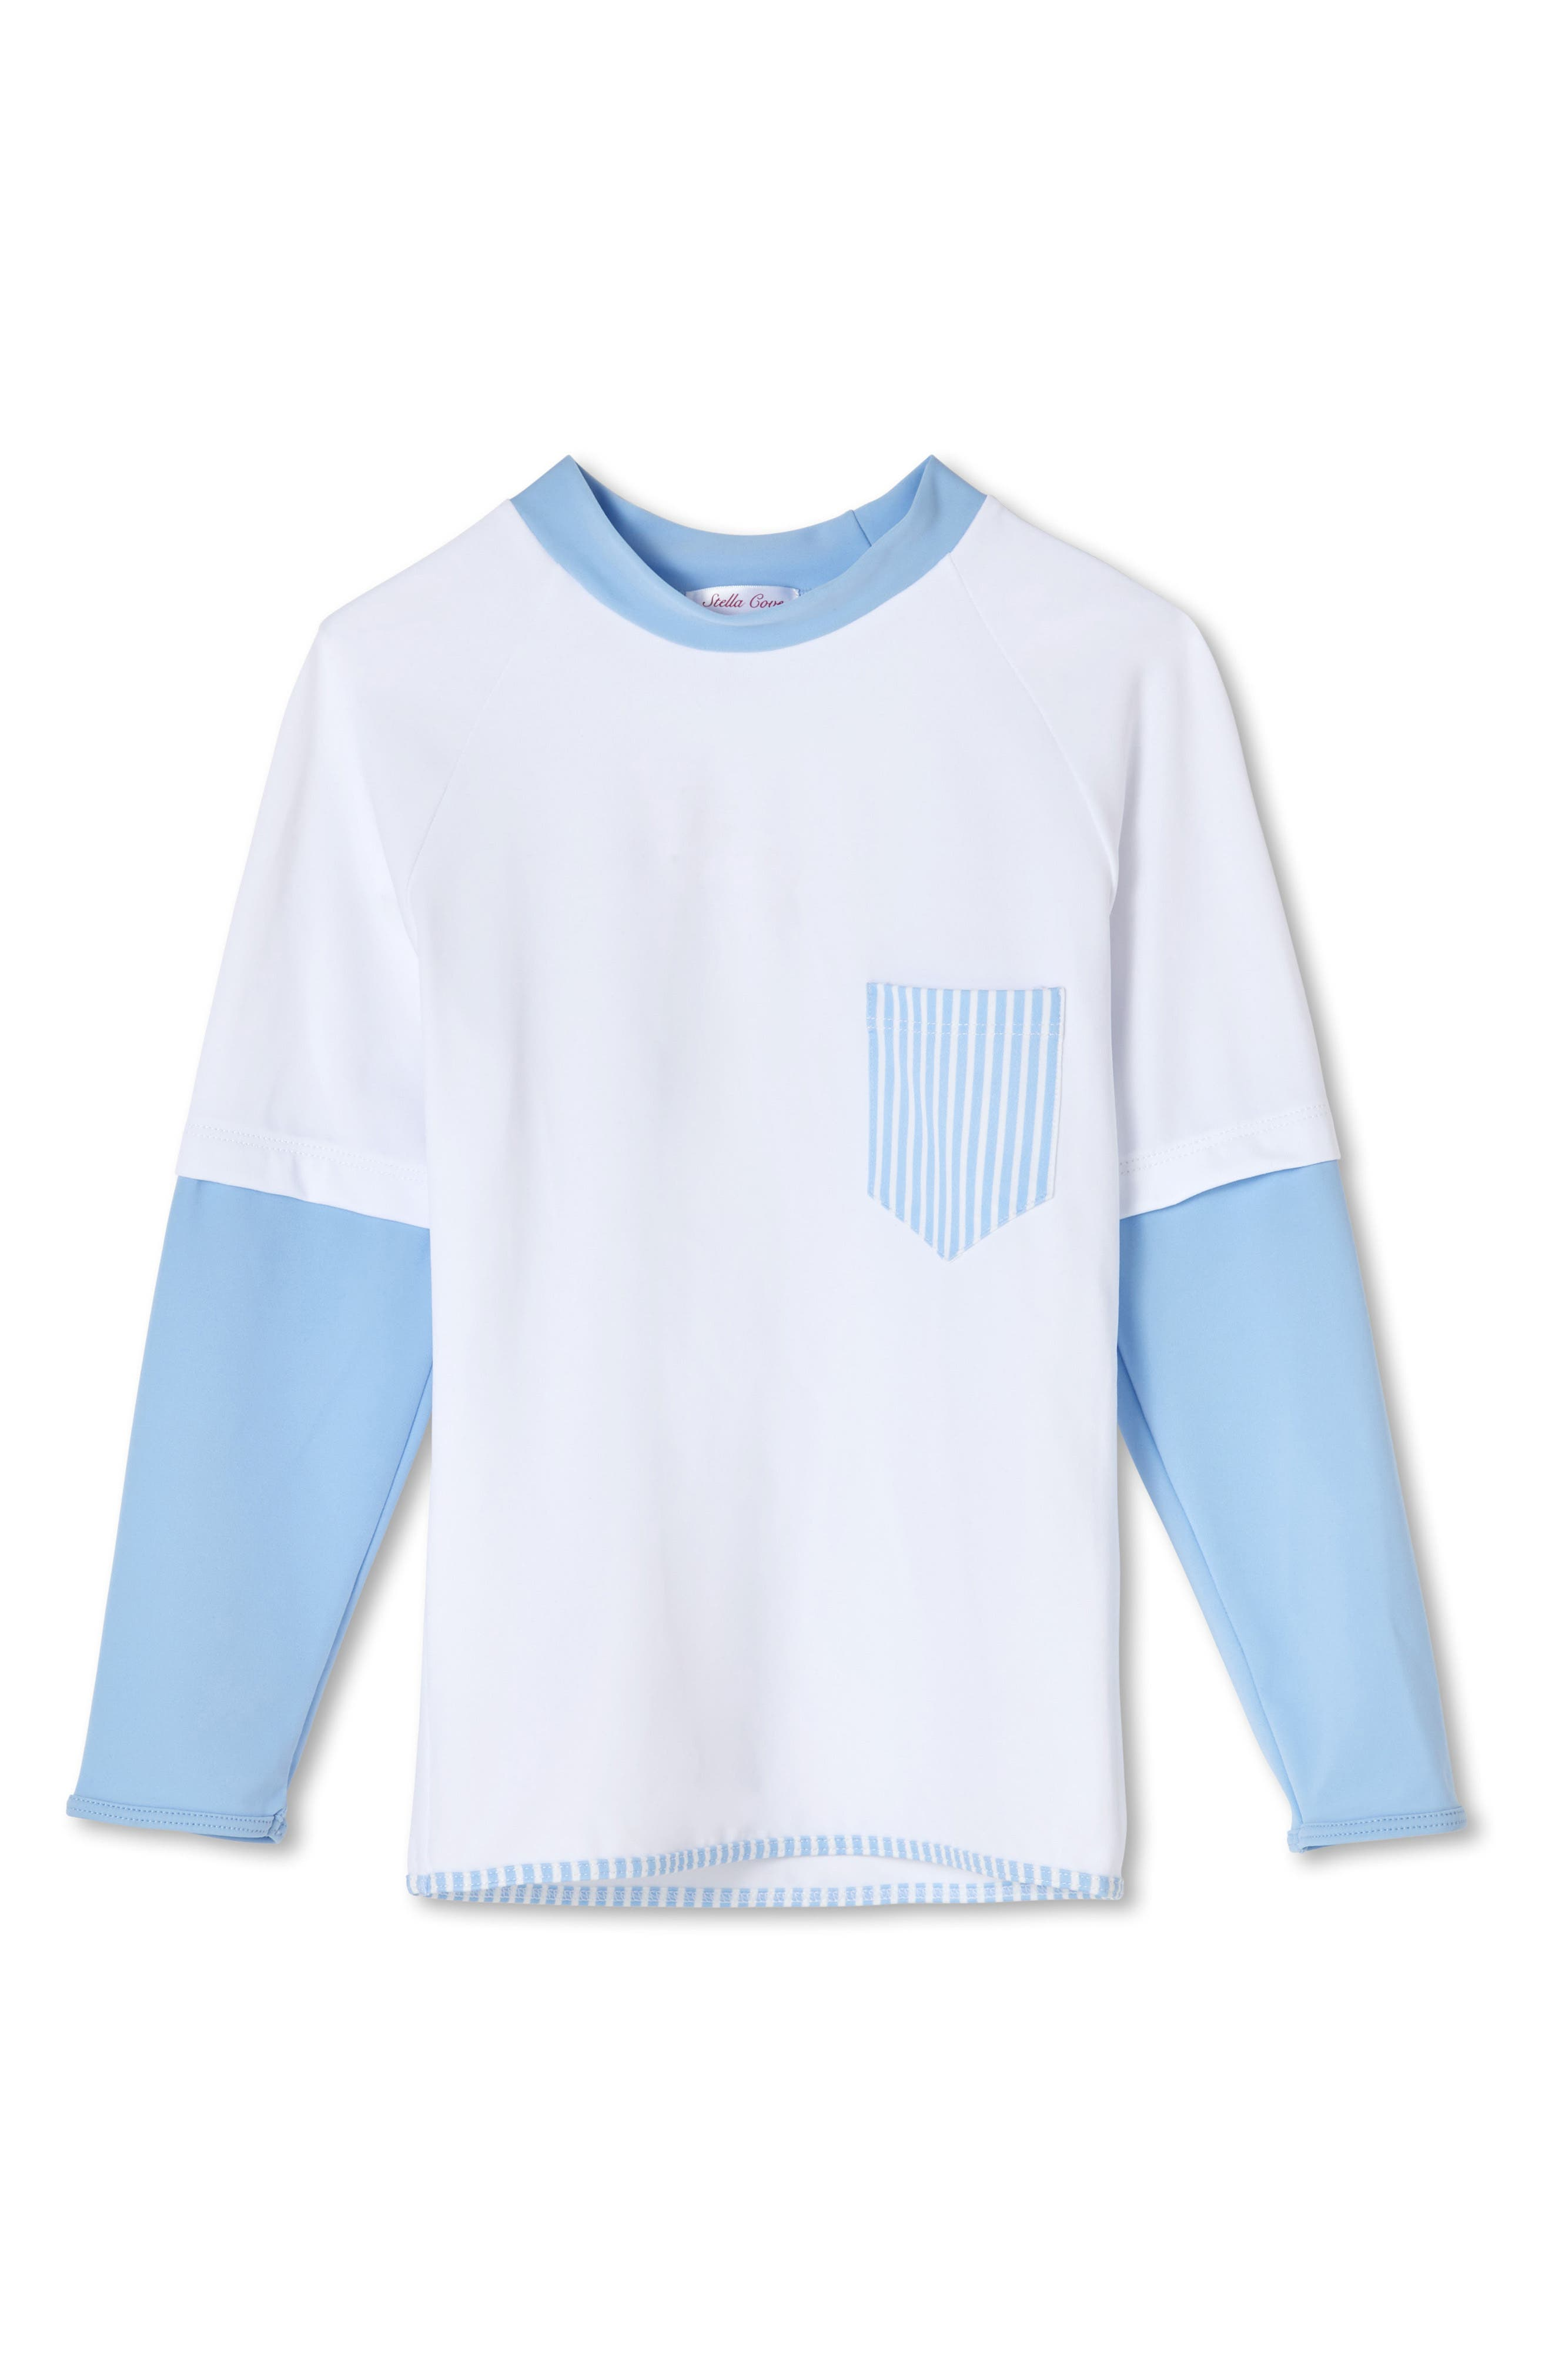 Stripe Pocket Rashguard,                             Main thumbnail 1, color,                             Blue